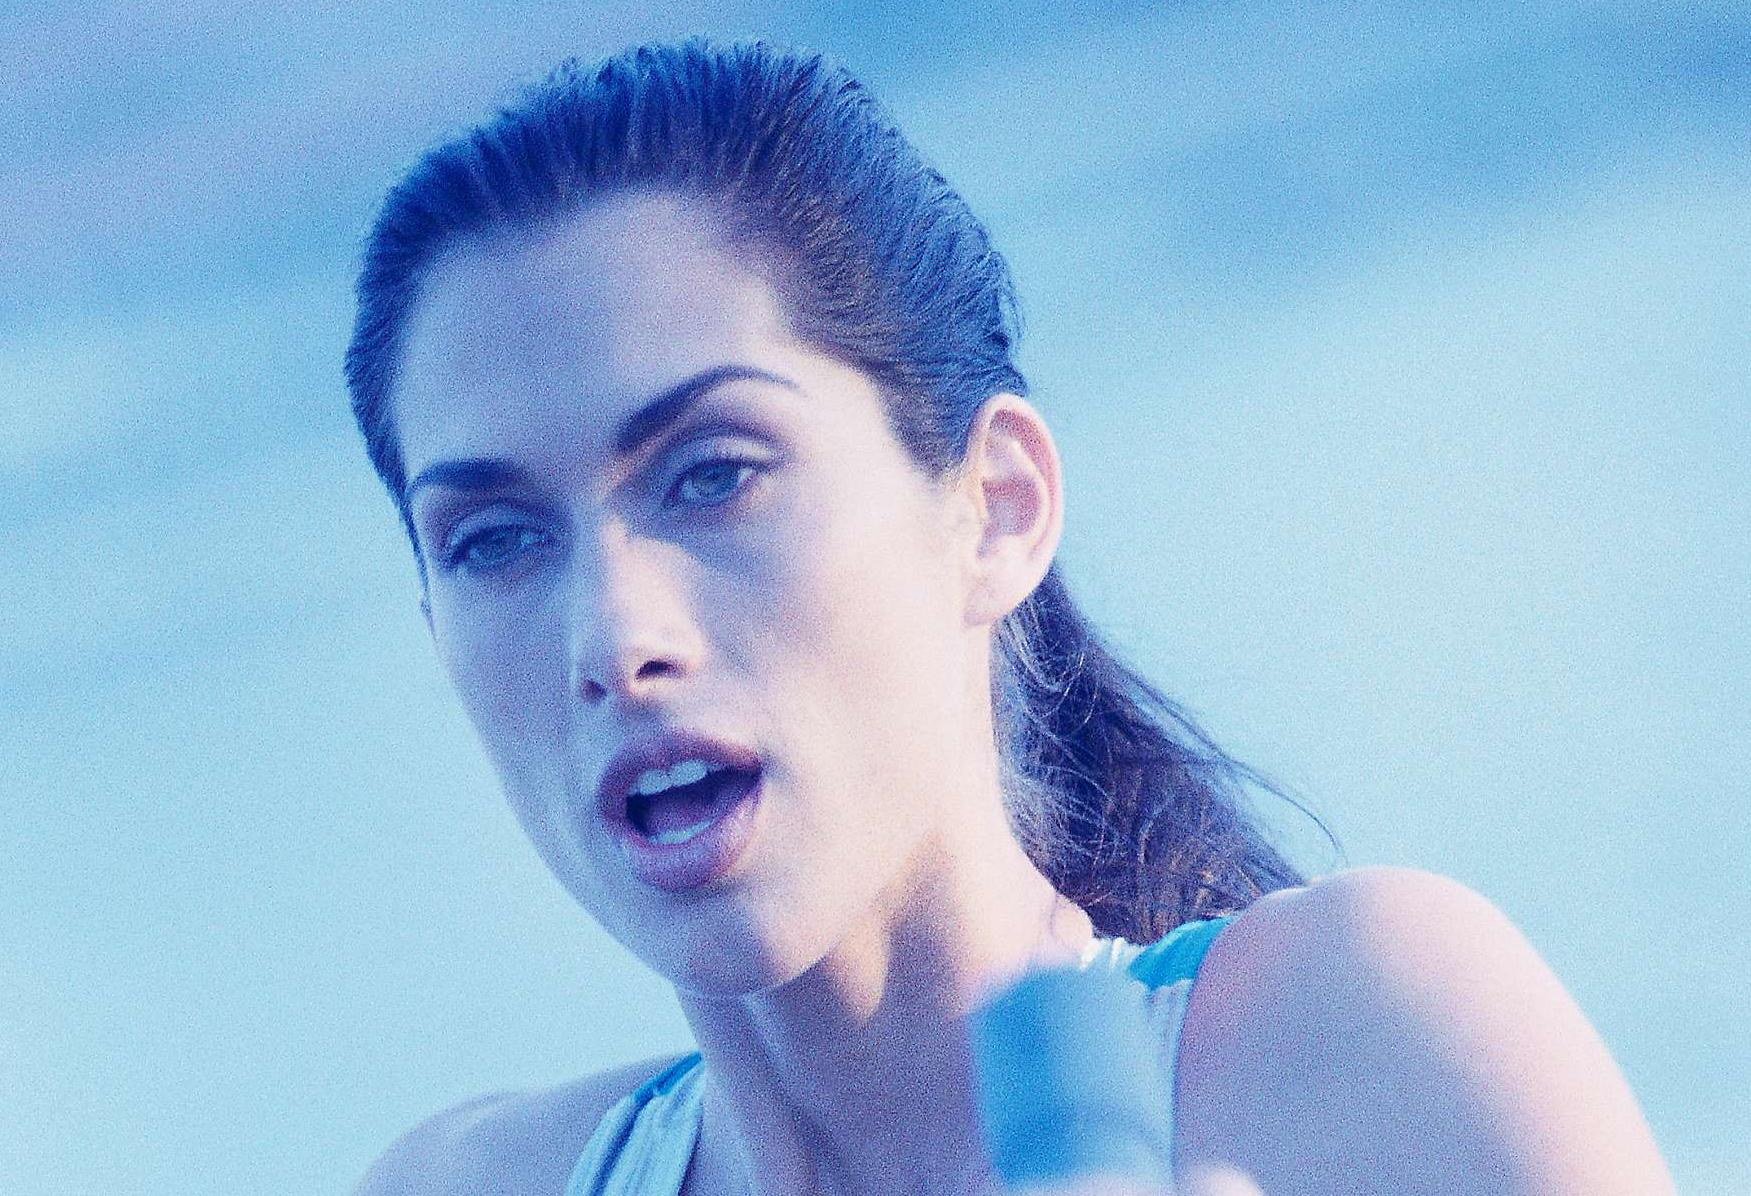 Att systematiskt använda träningen för att dämpa sin oro är ett tydligt tecken på att man är beroende av träning.